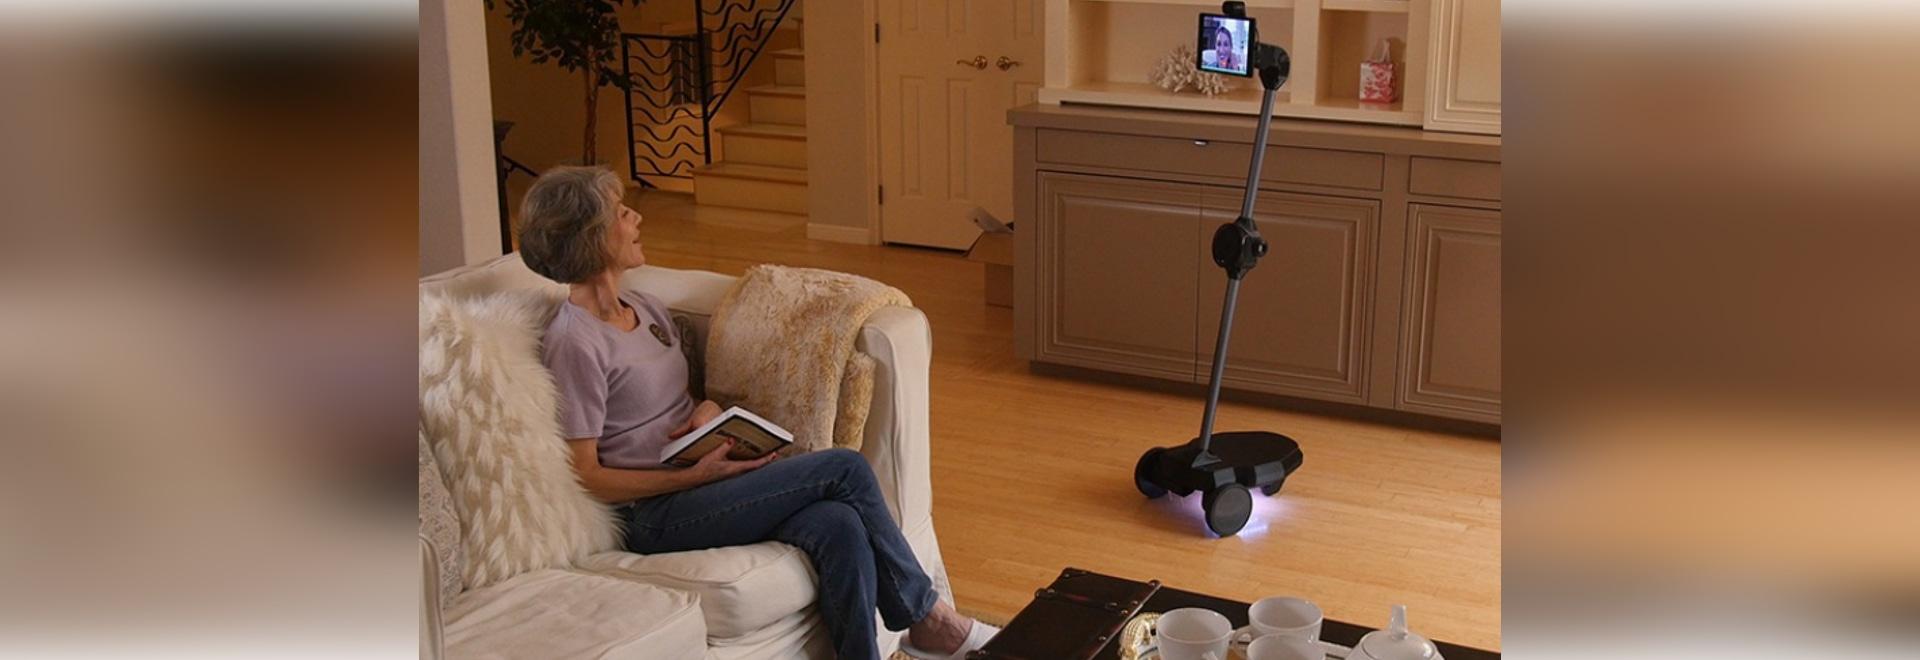 OhmniLabs utiliza los robots para hacer Telepresence una realidad: Entrevista con el CEO Thuc Vu